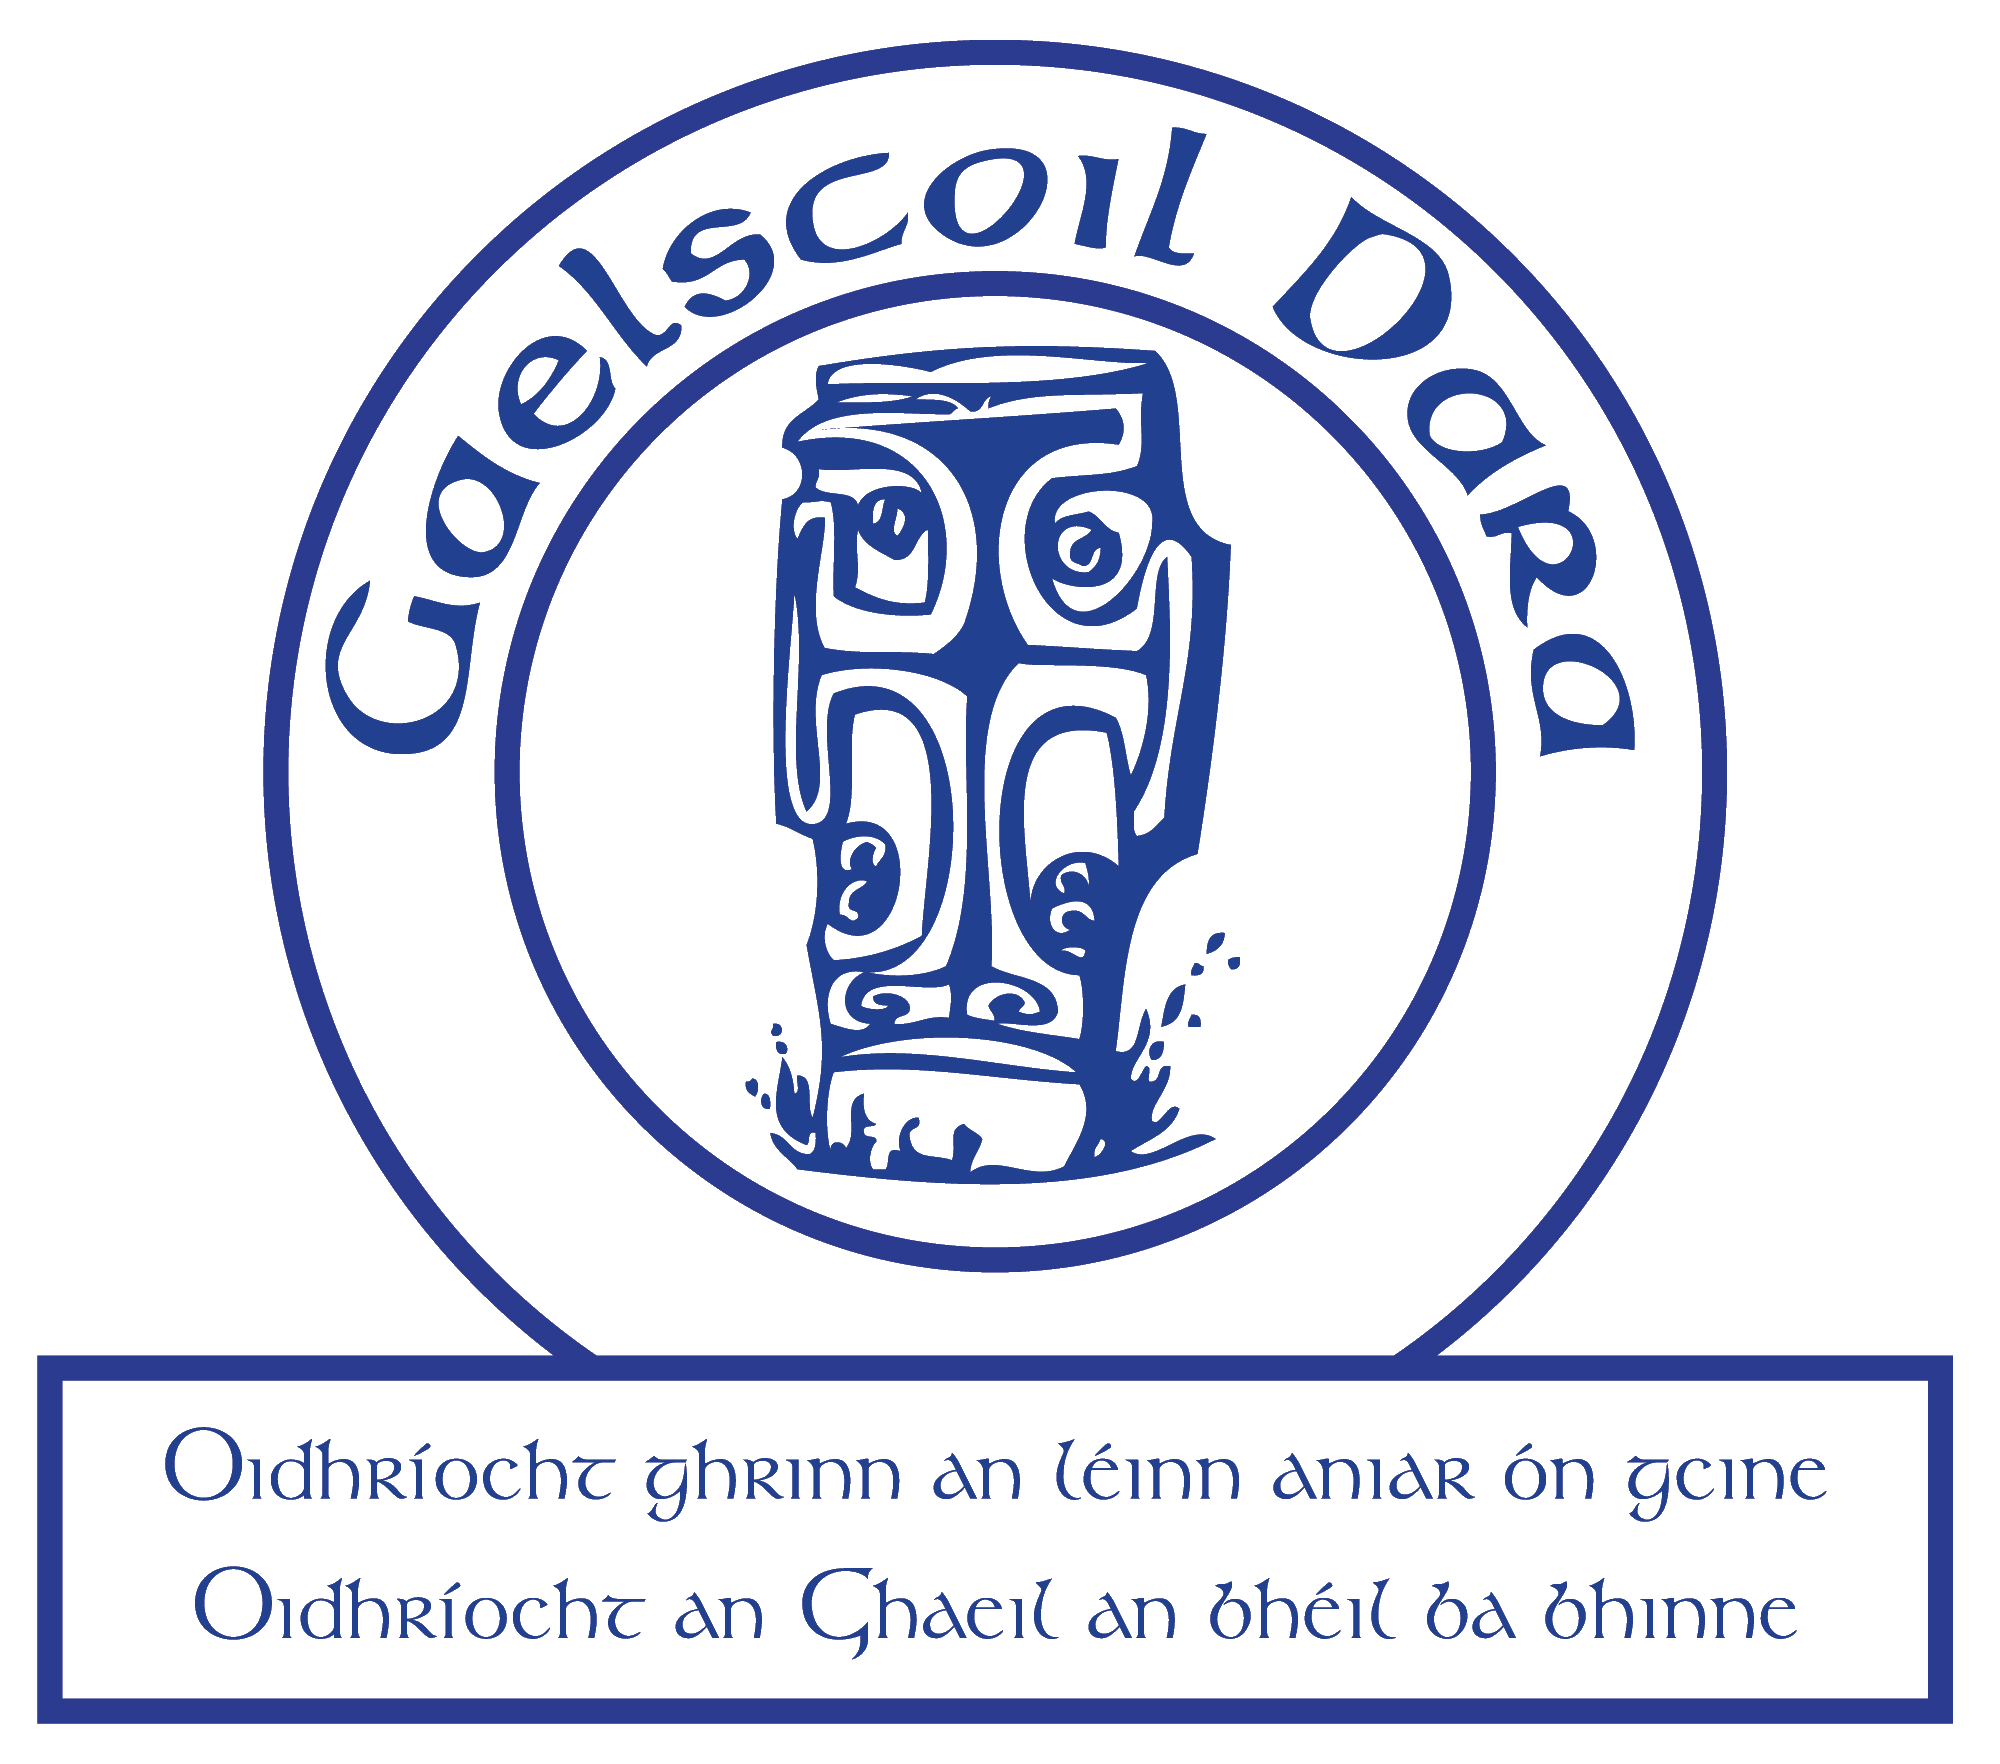 Gaelscoil Dara, Bóthar Bhaile an Locháin, An Rinn Mhór